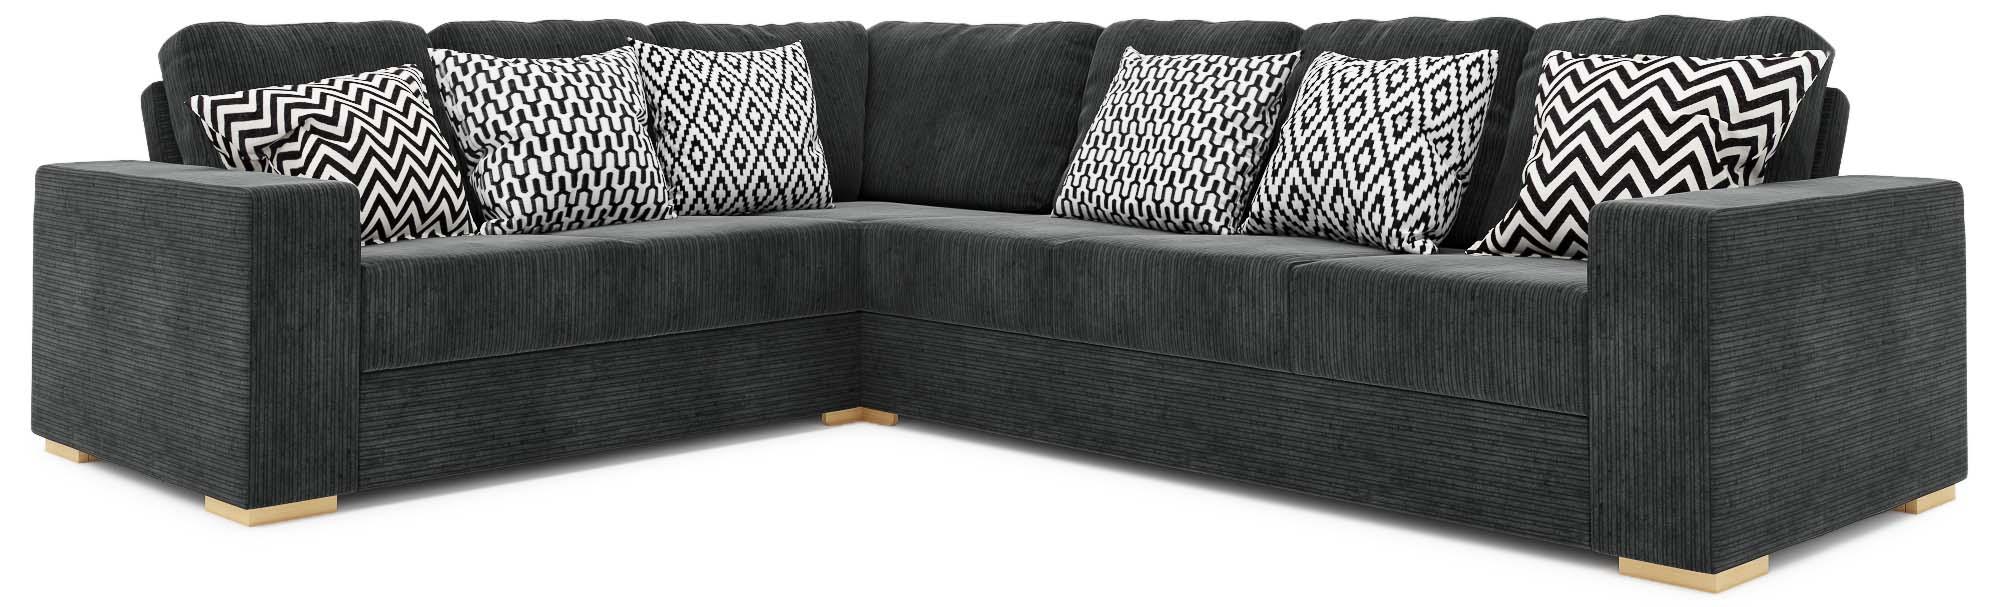 Ato 4X3 Corner Sofa